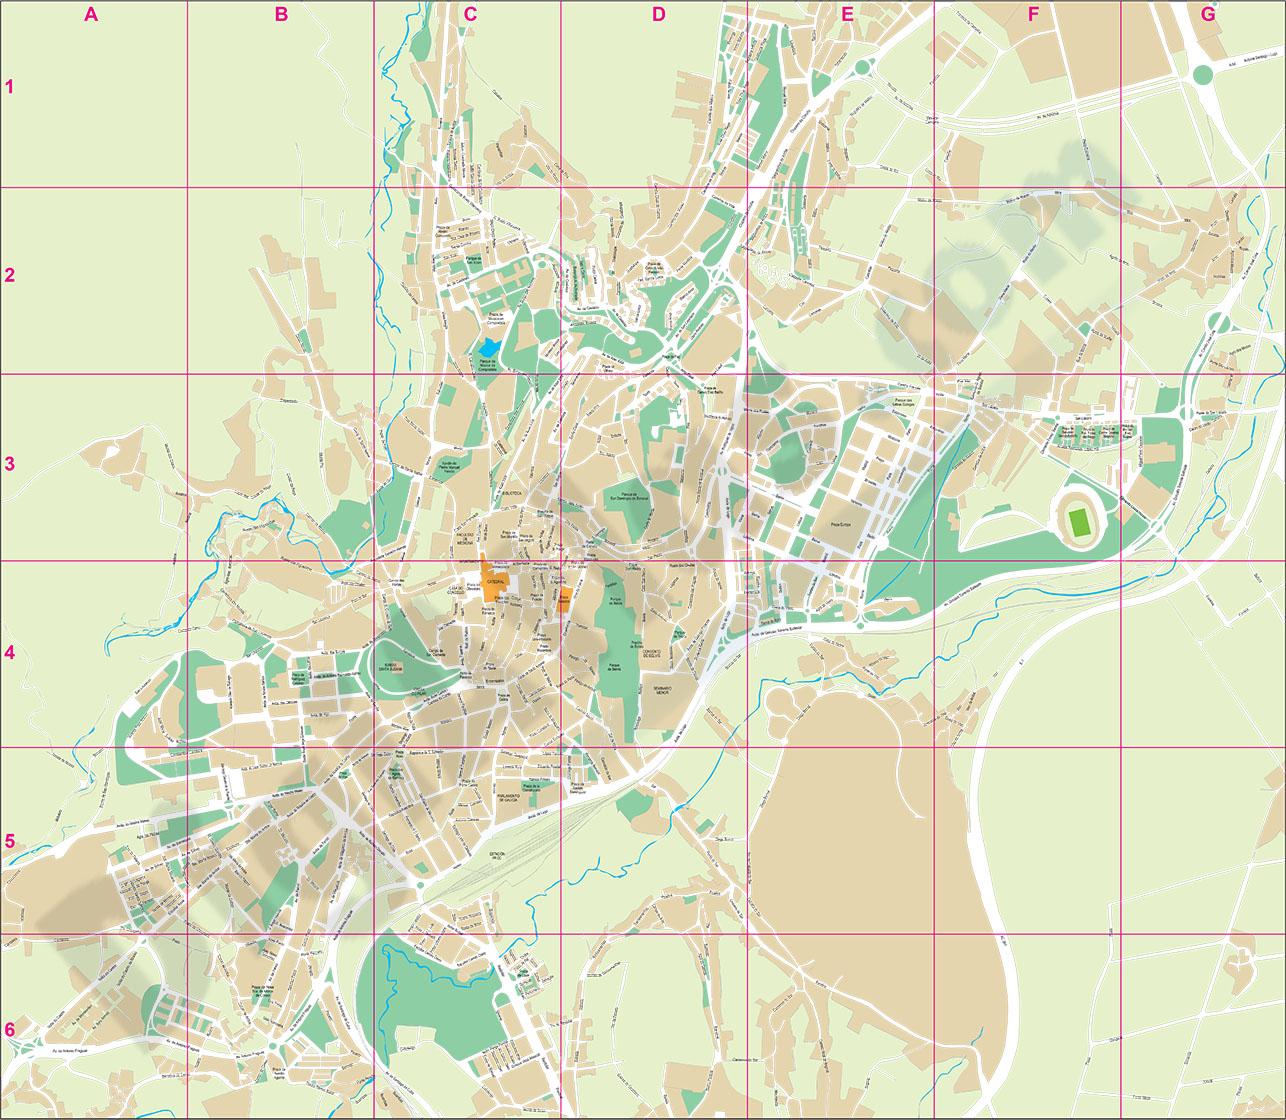 Callejero Mapa De Santiago De Compostela.Santiago De Compostela Plano Callejero